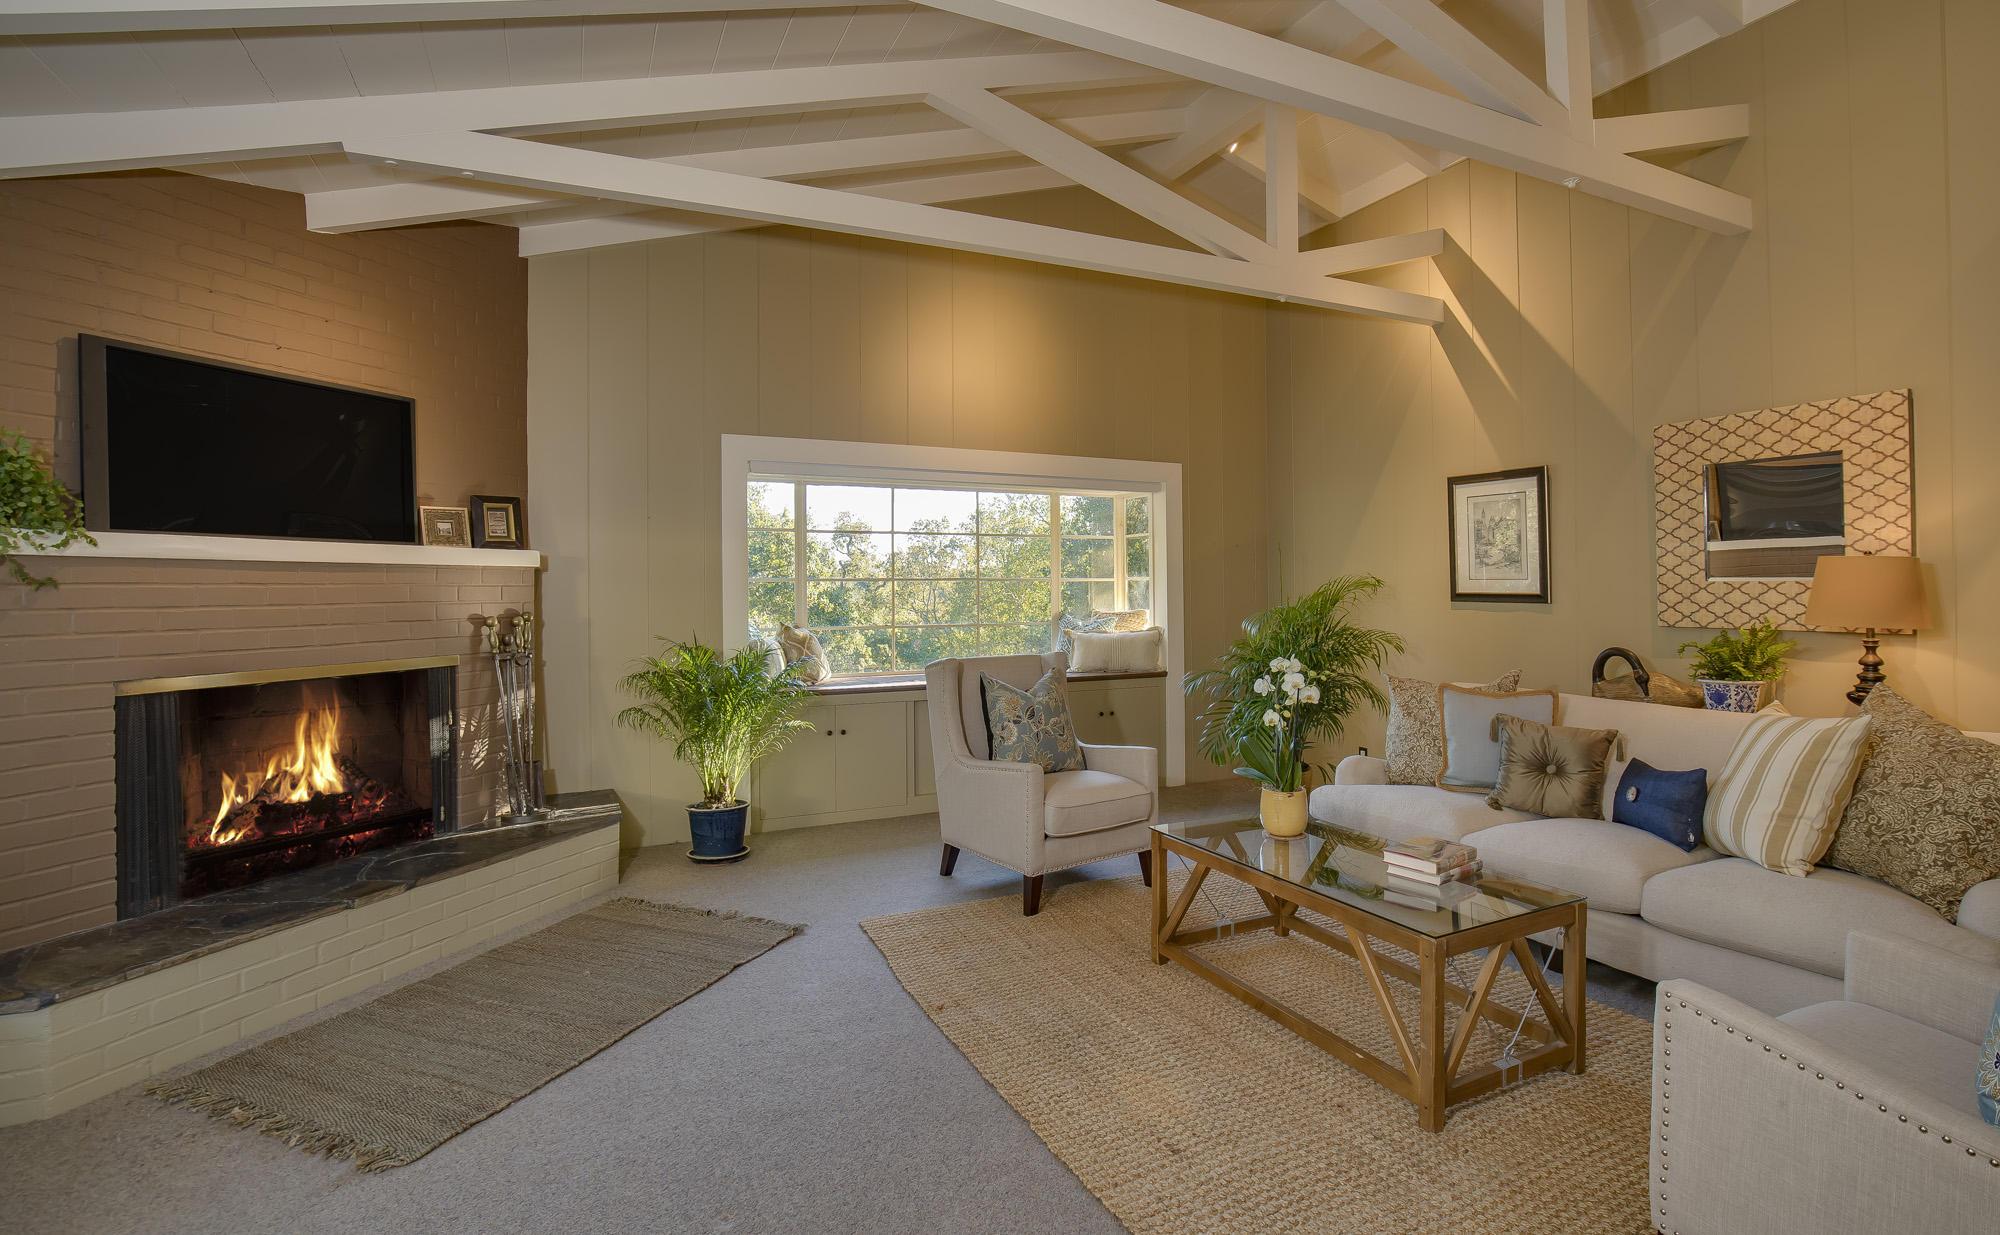 Property photo for 1551 Las Canoas Rd Santa Barbara, California 93105 - 17-343